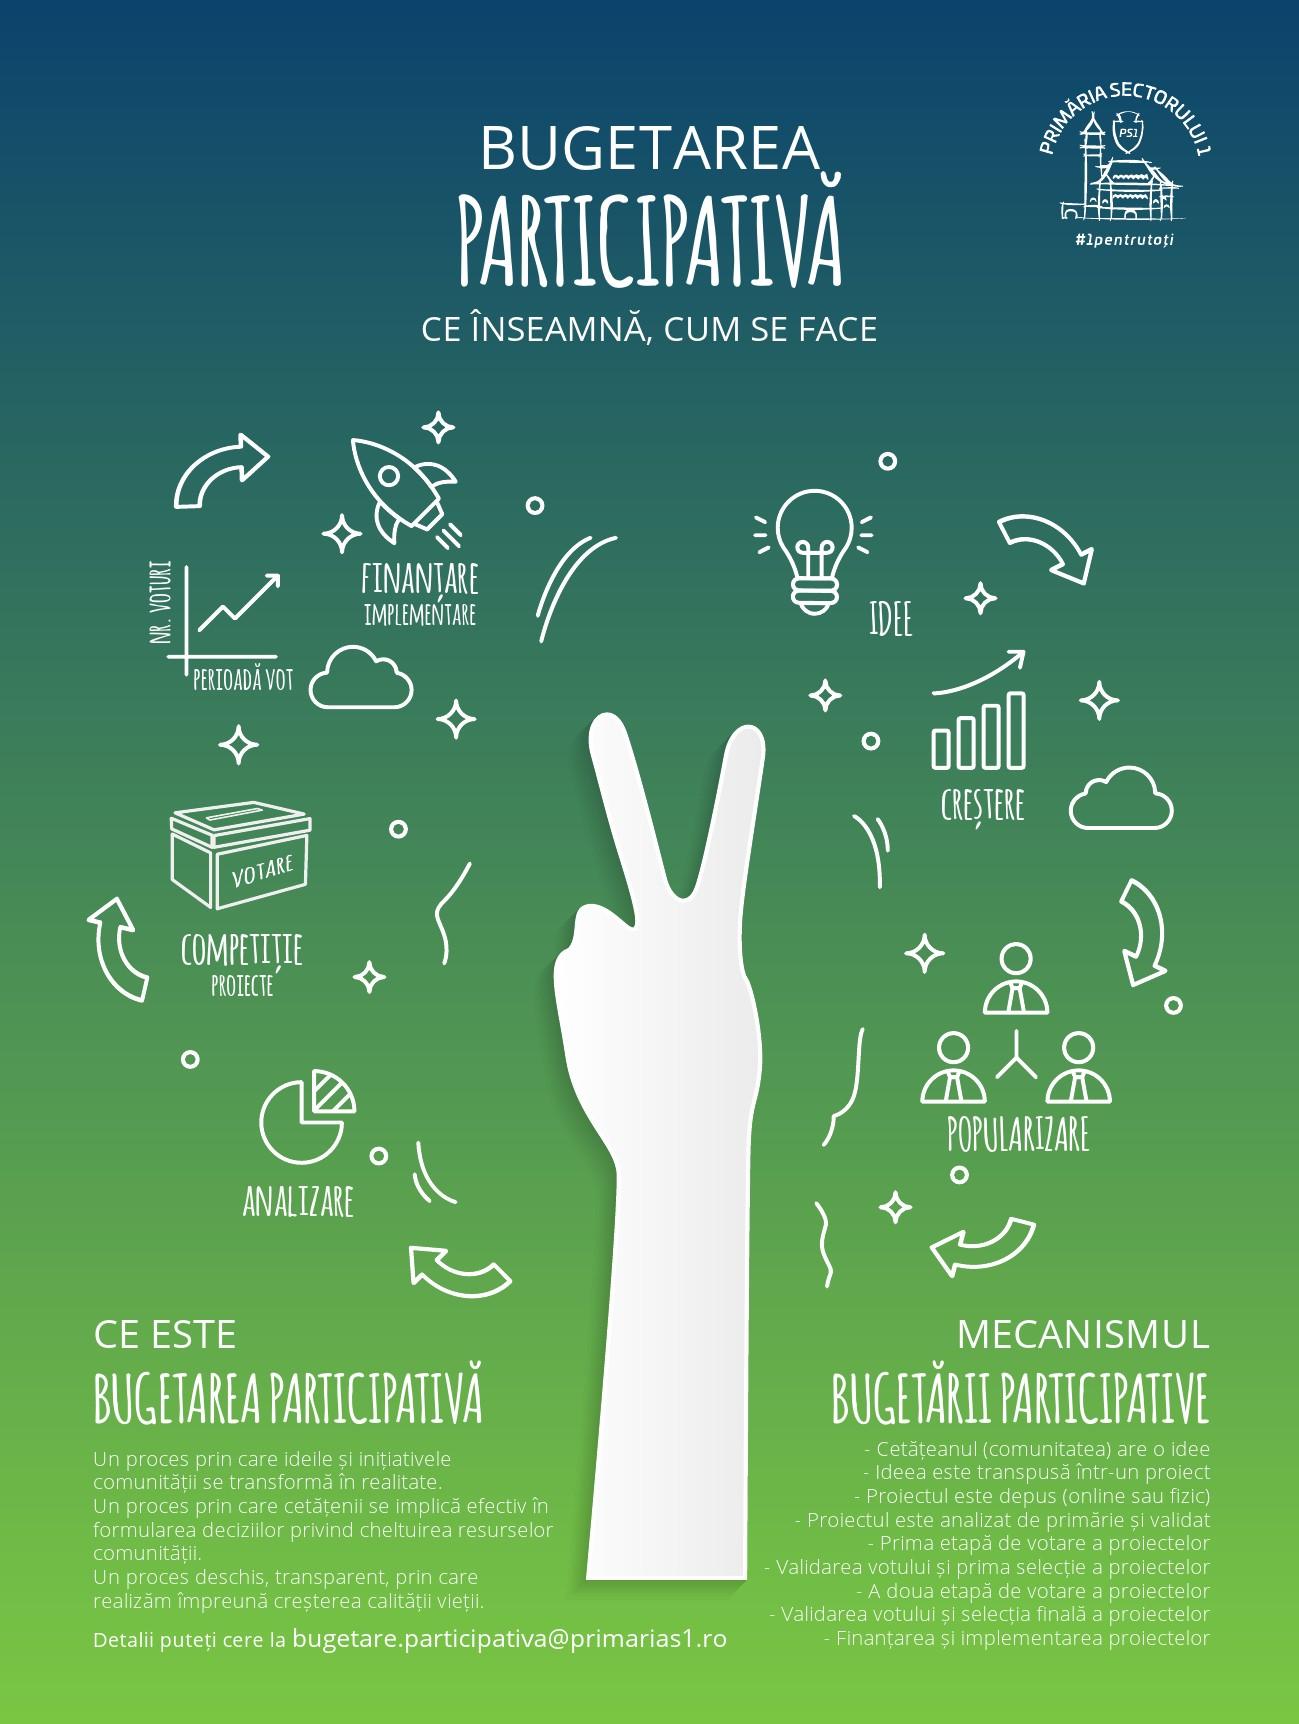 De azi poți depune proiecte în programul de bugetare participativă